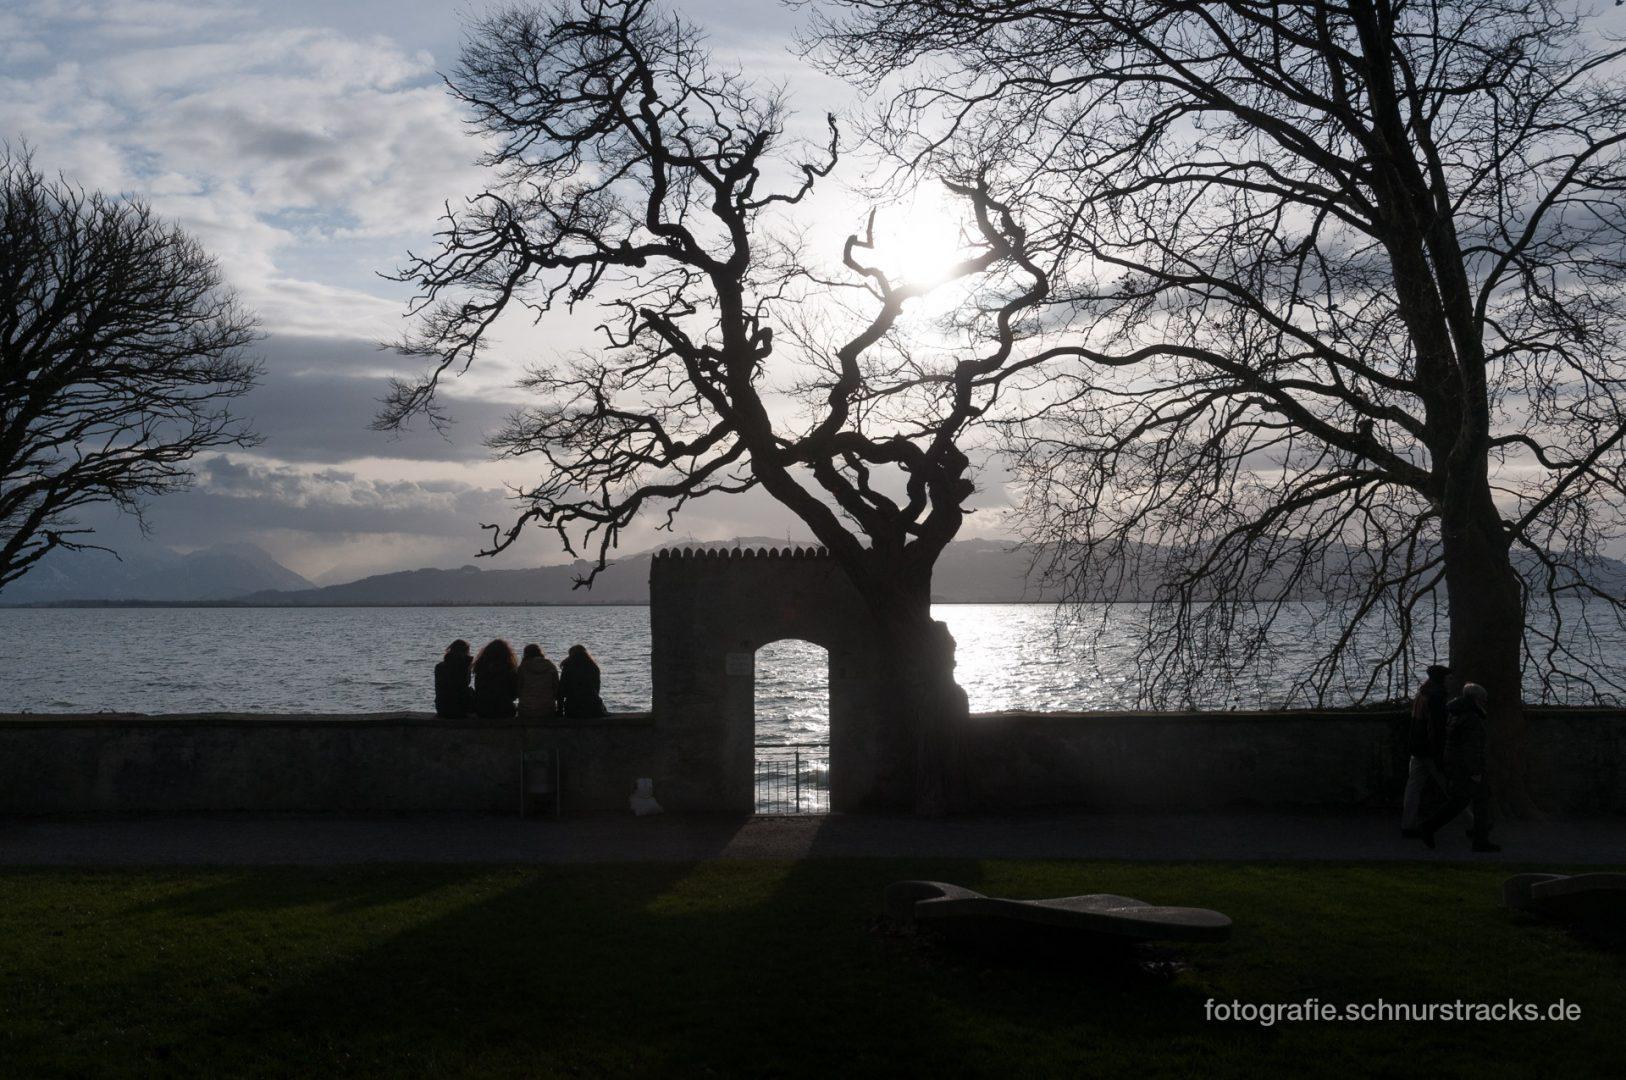 Vier auf der Mauer am Bodensee #720